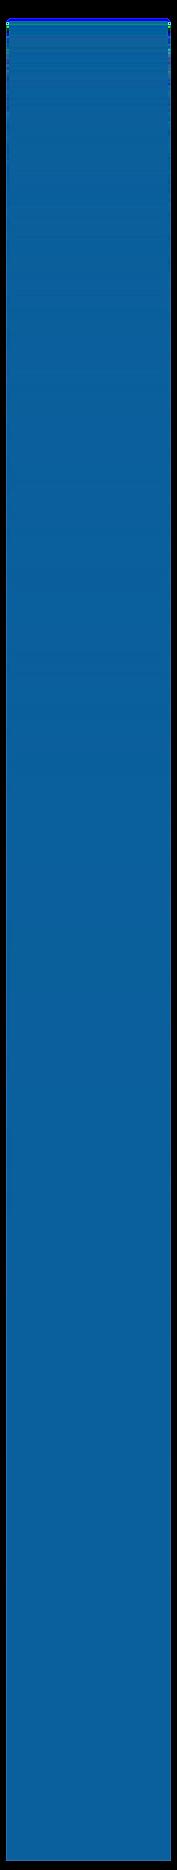 Lapstar_Website%20Asset_D_BLUE%20BAR-_ed